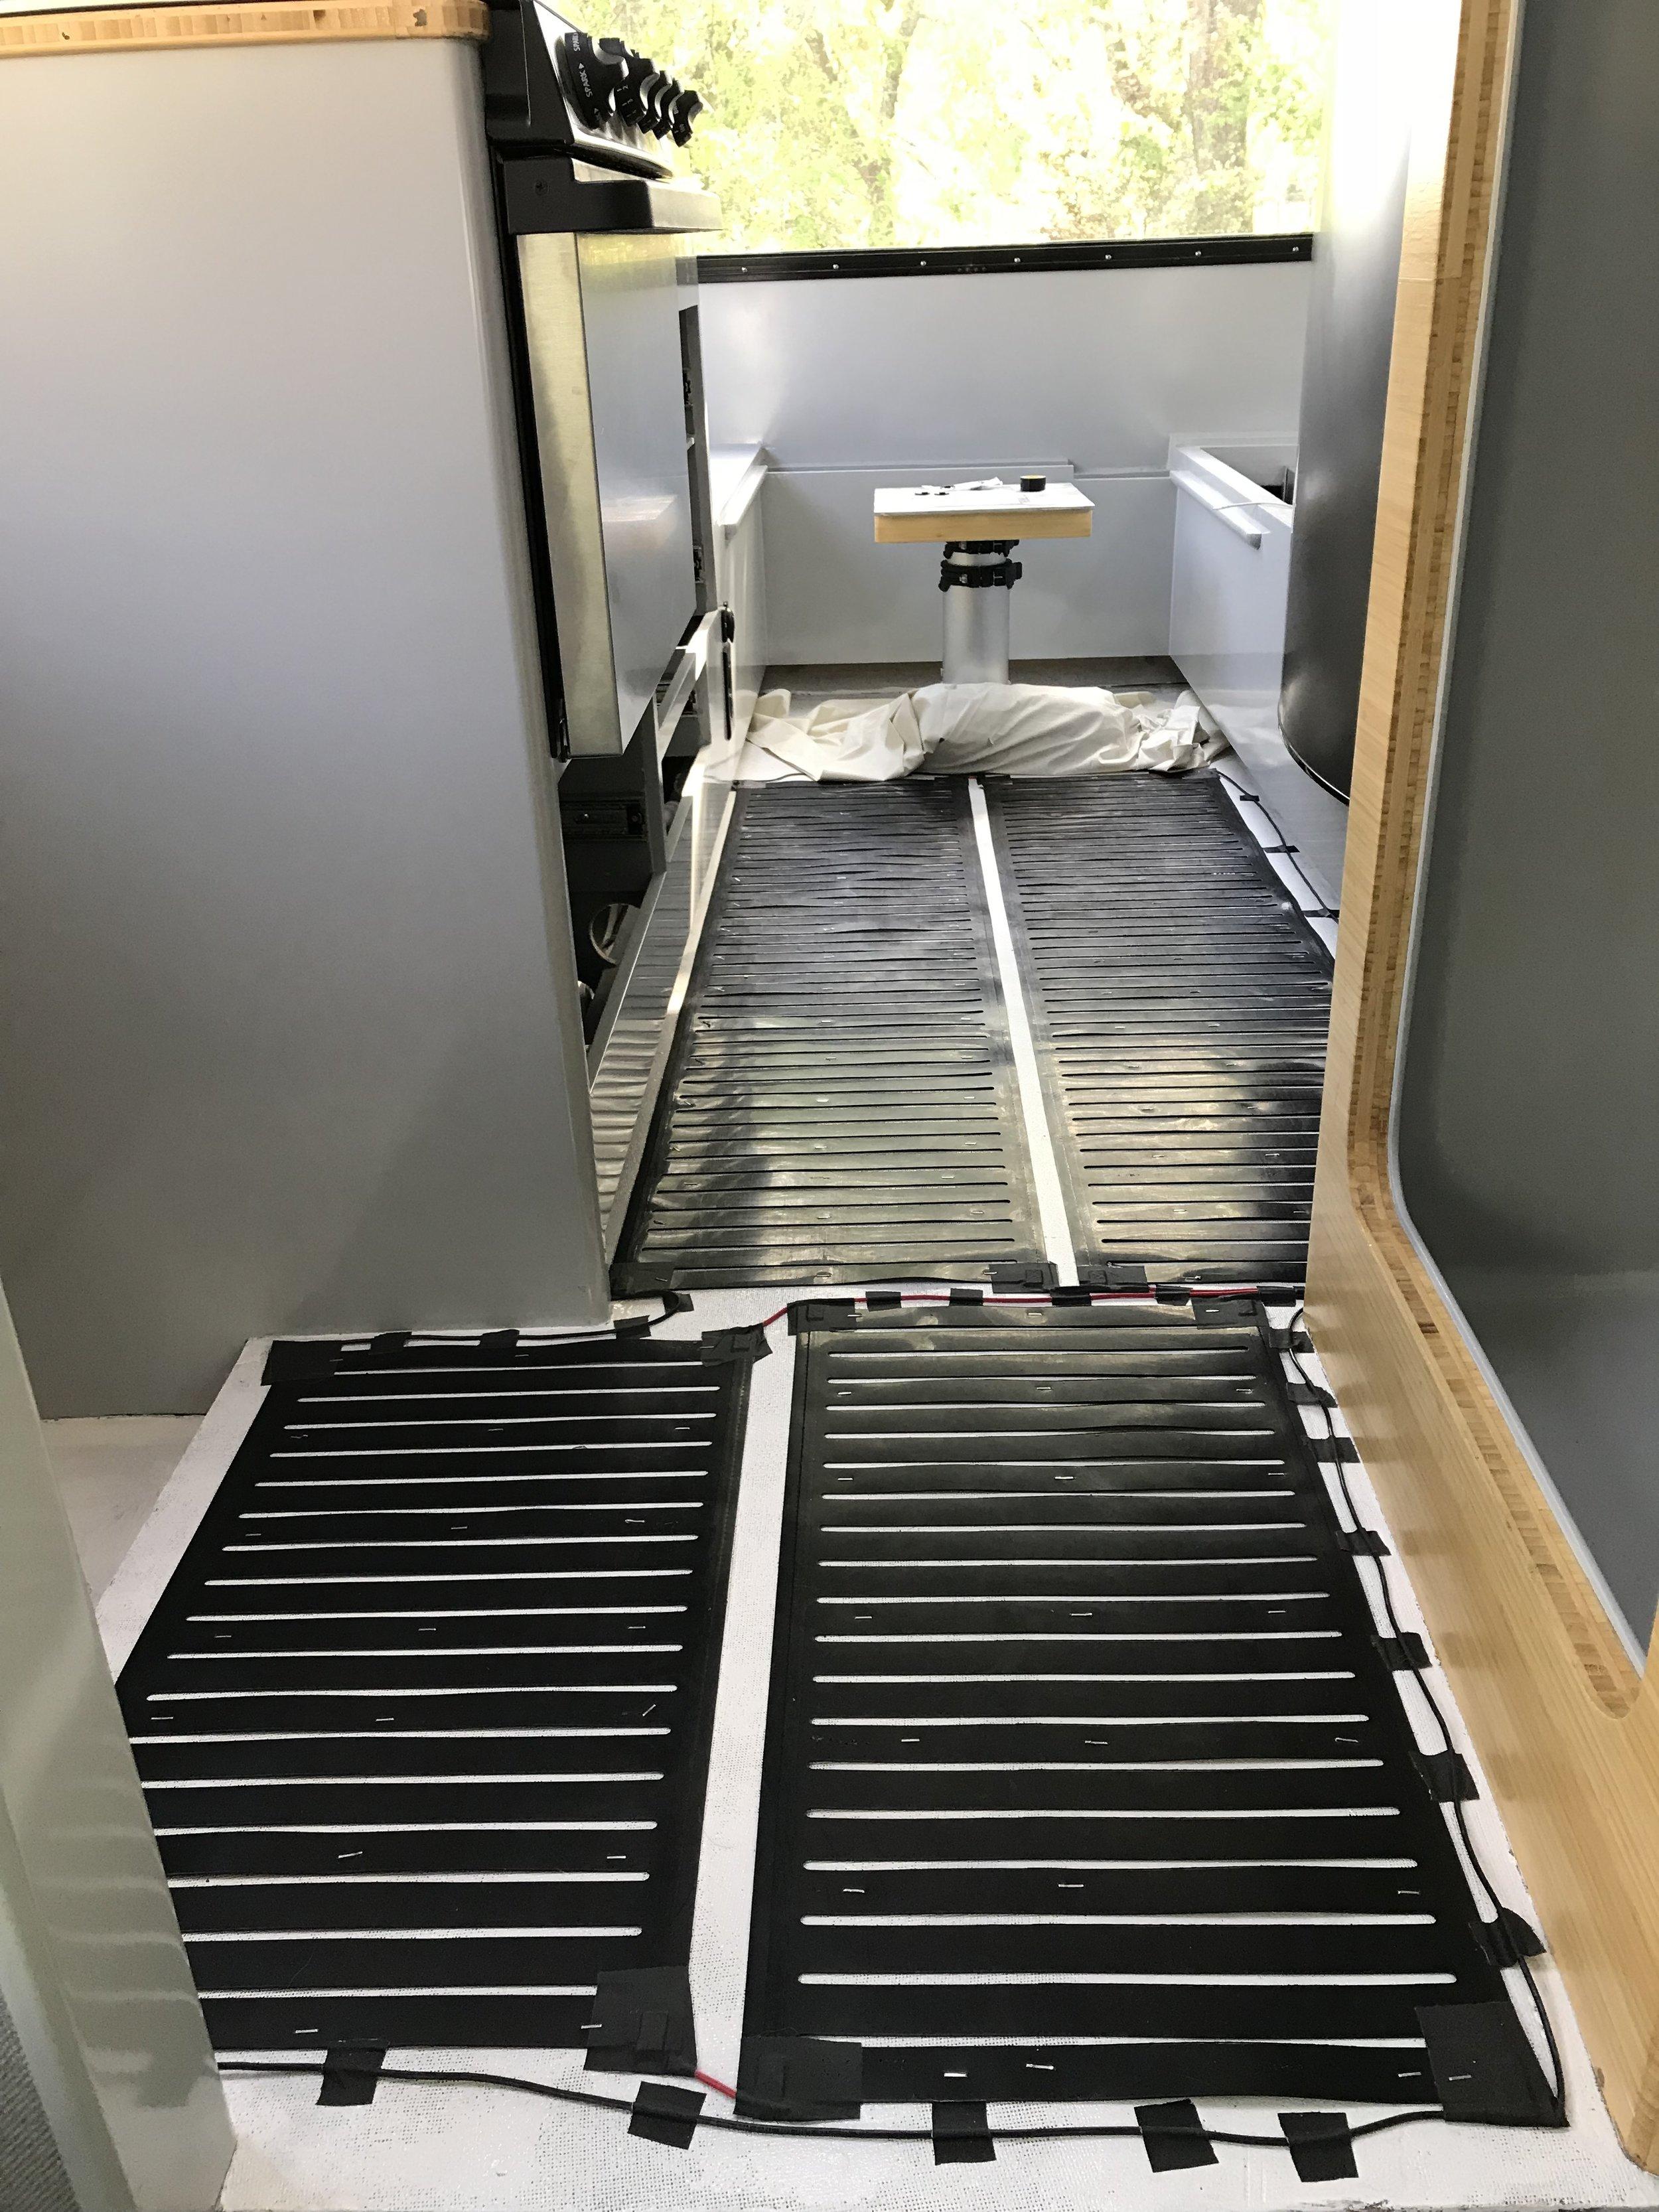 Floor heating elements